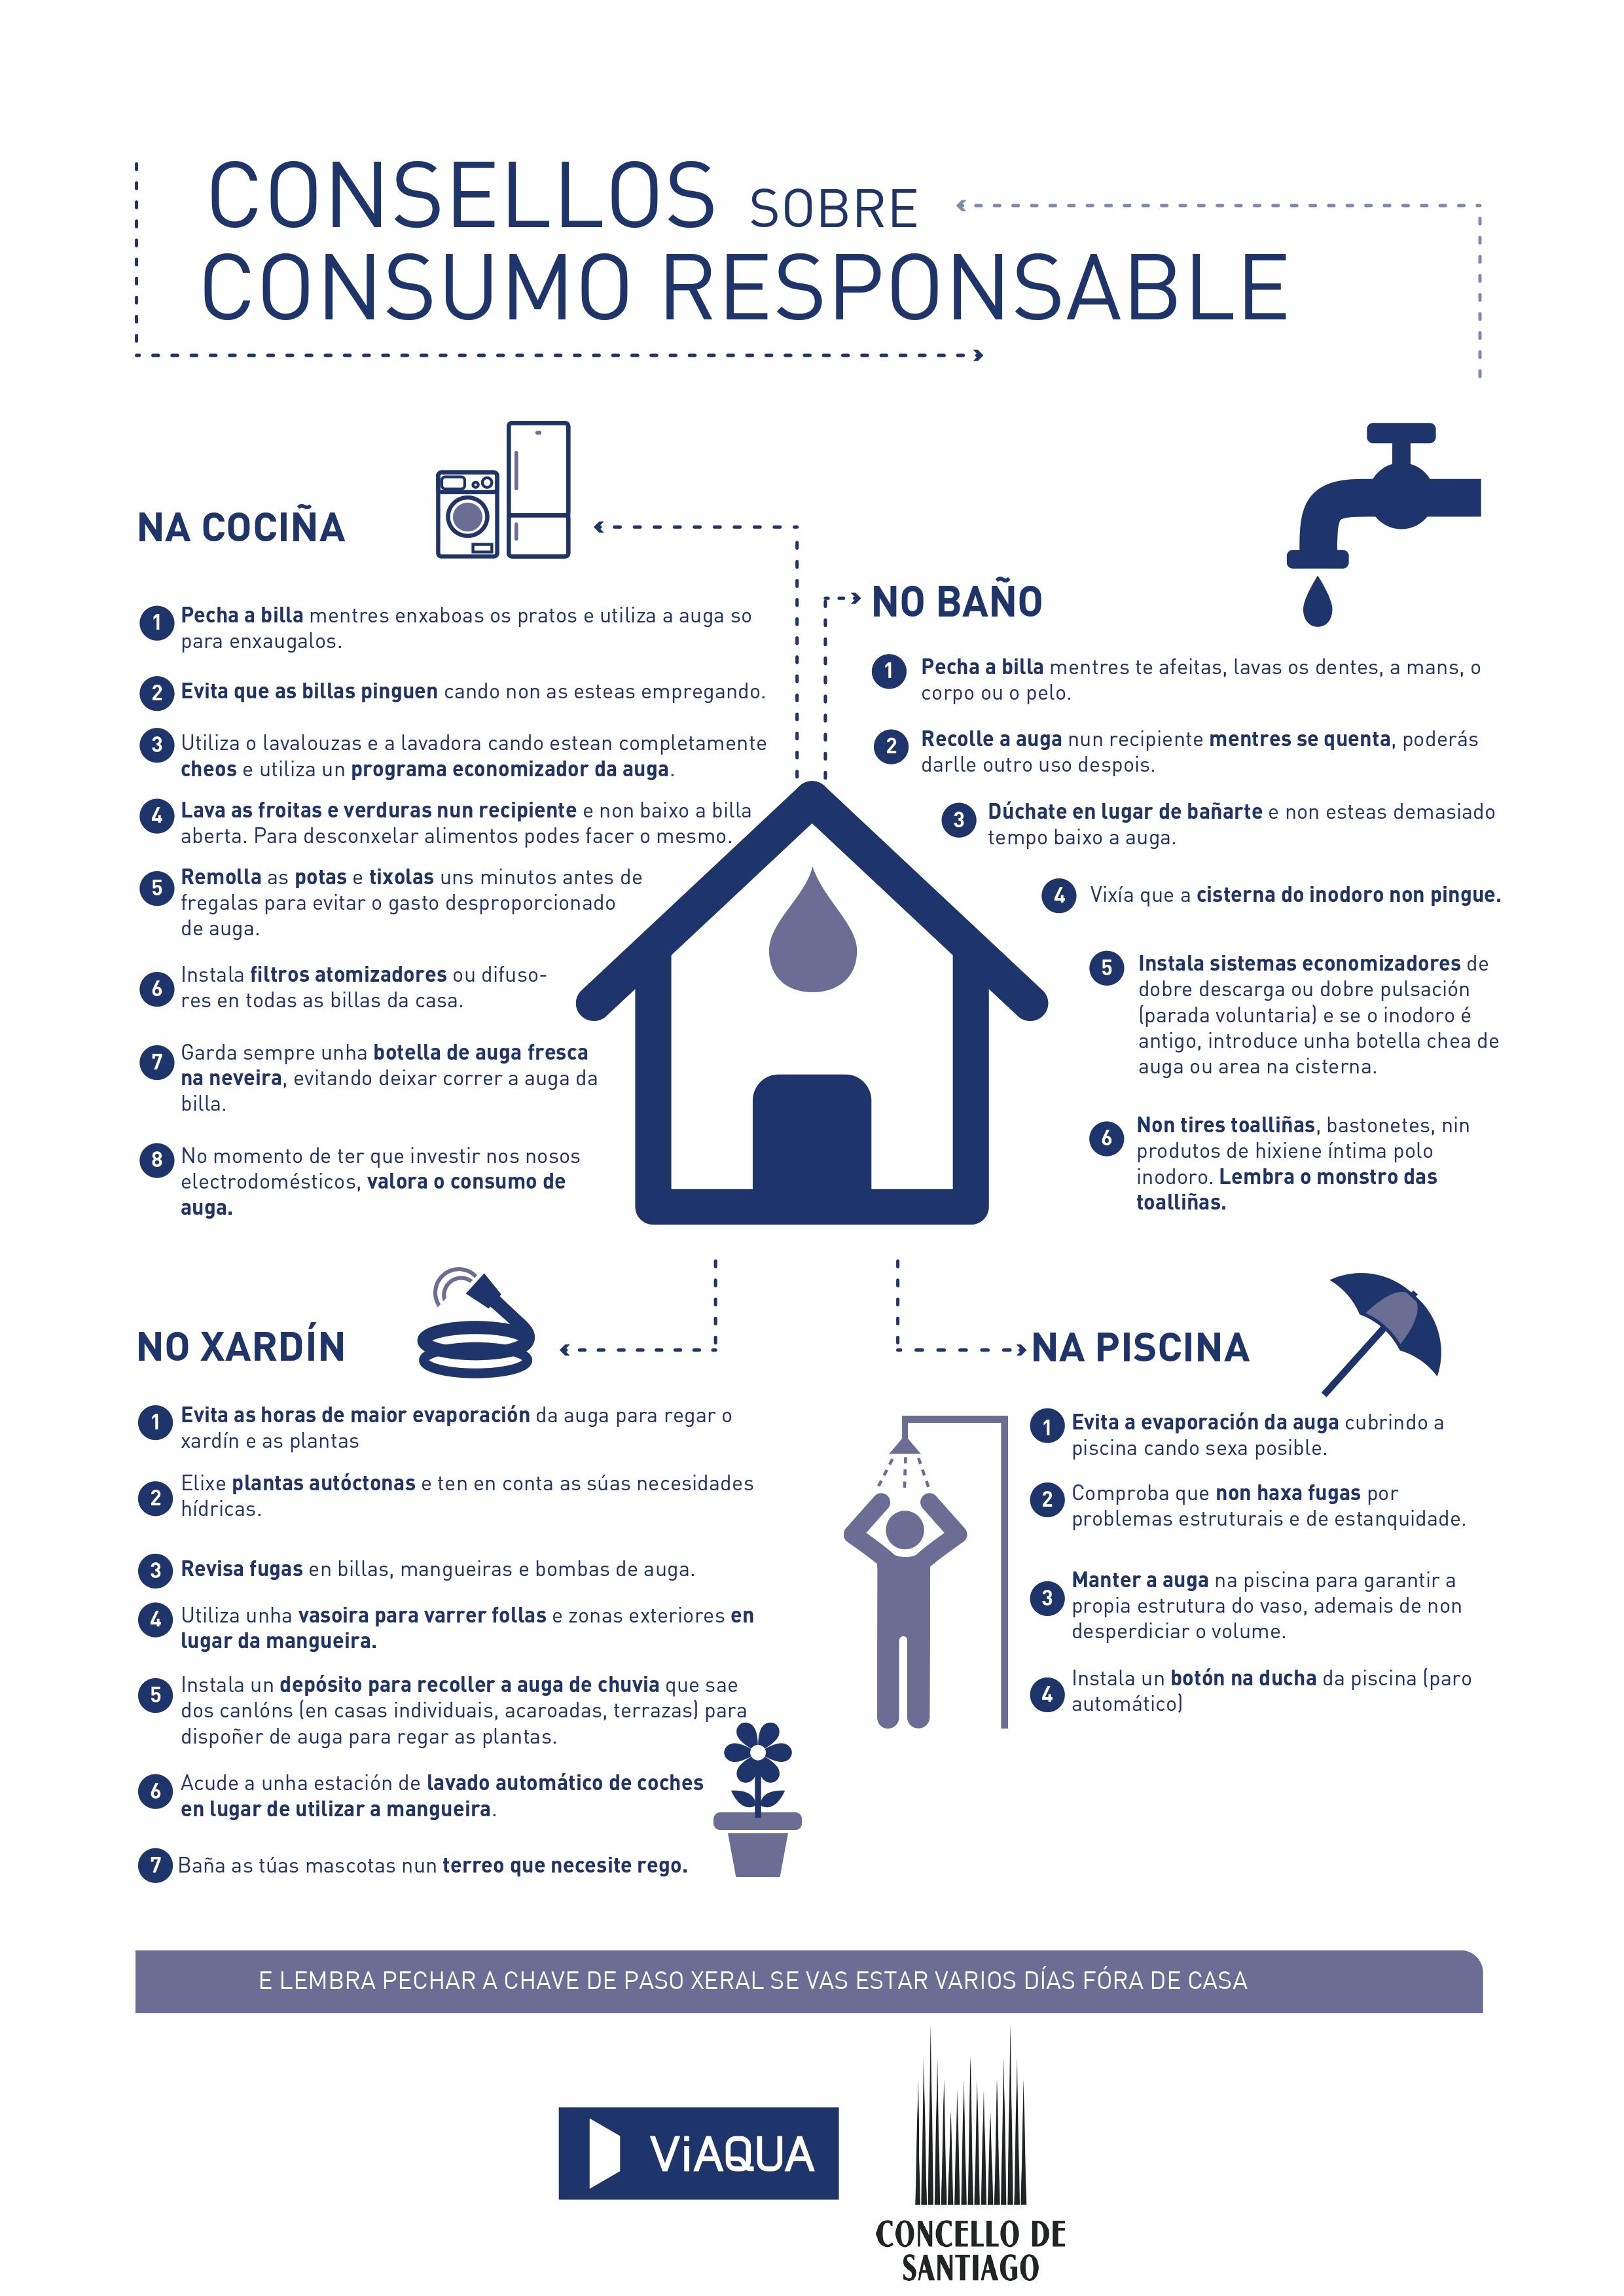 Cartel informativo con consellos sobre consumo responsable.